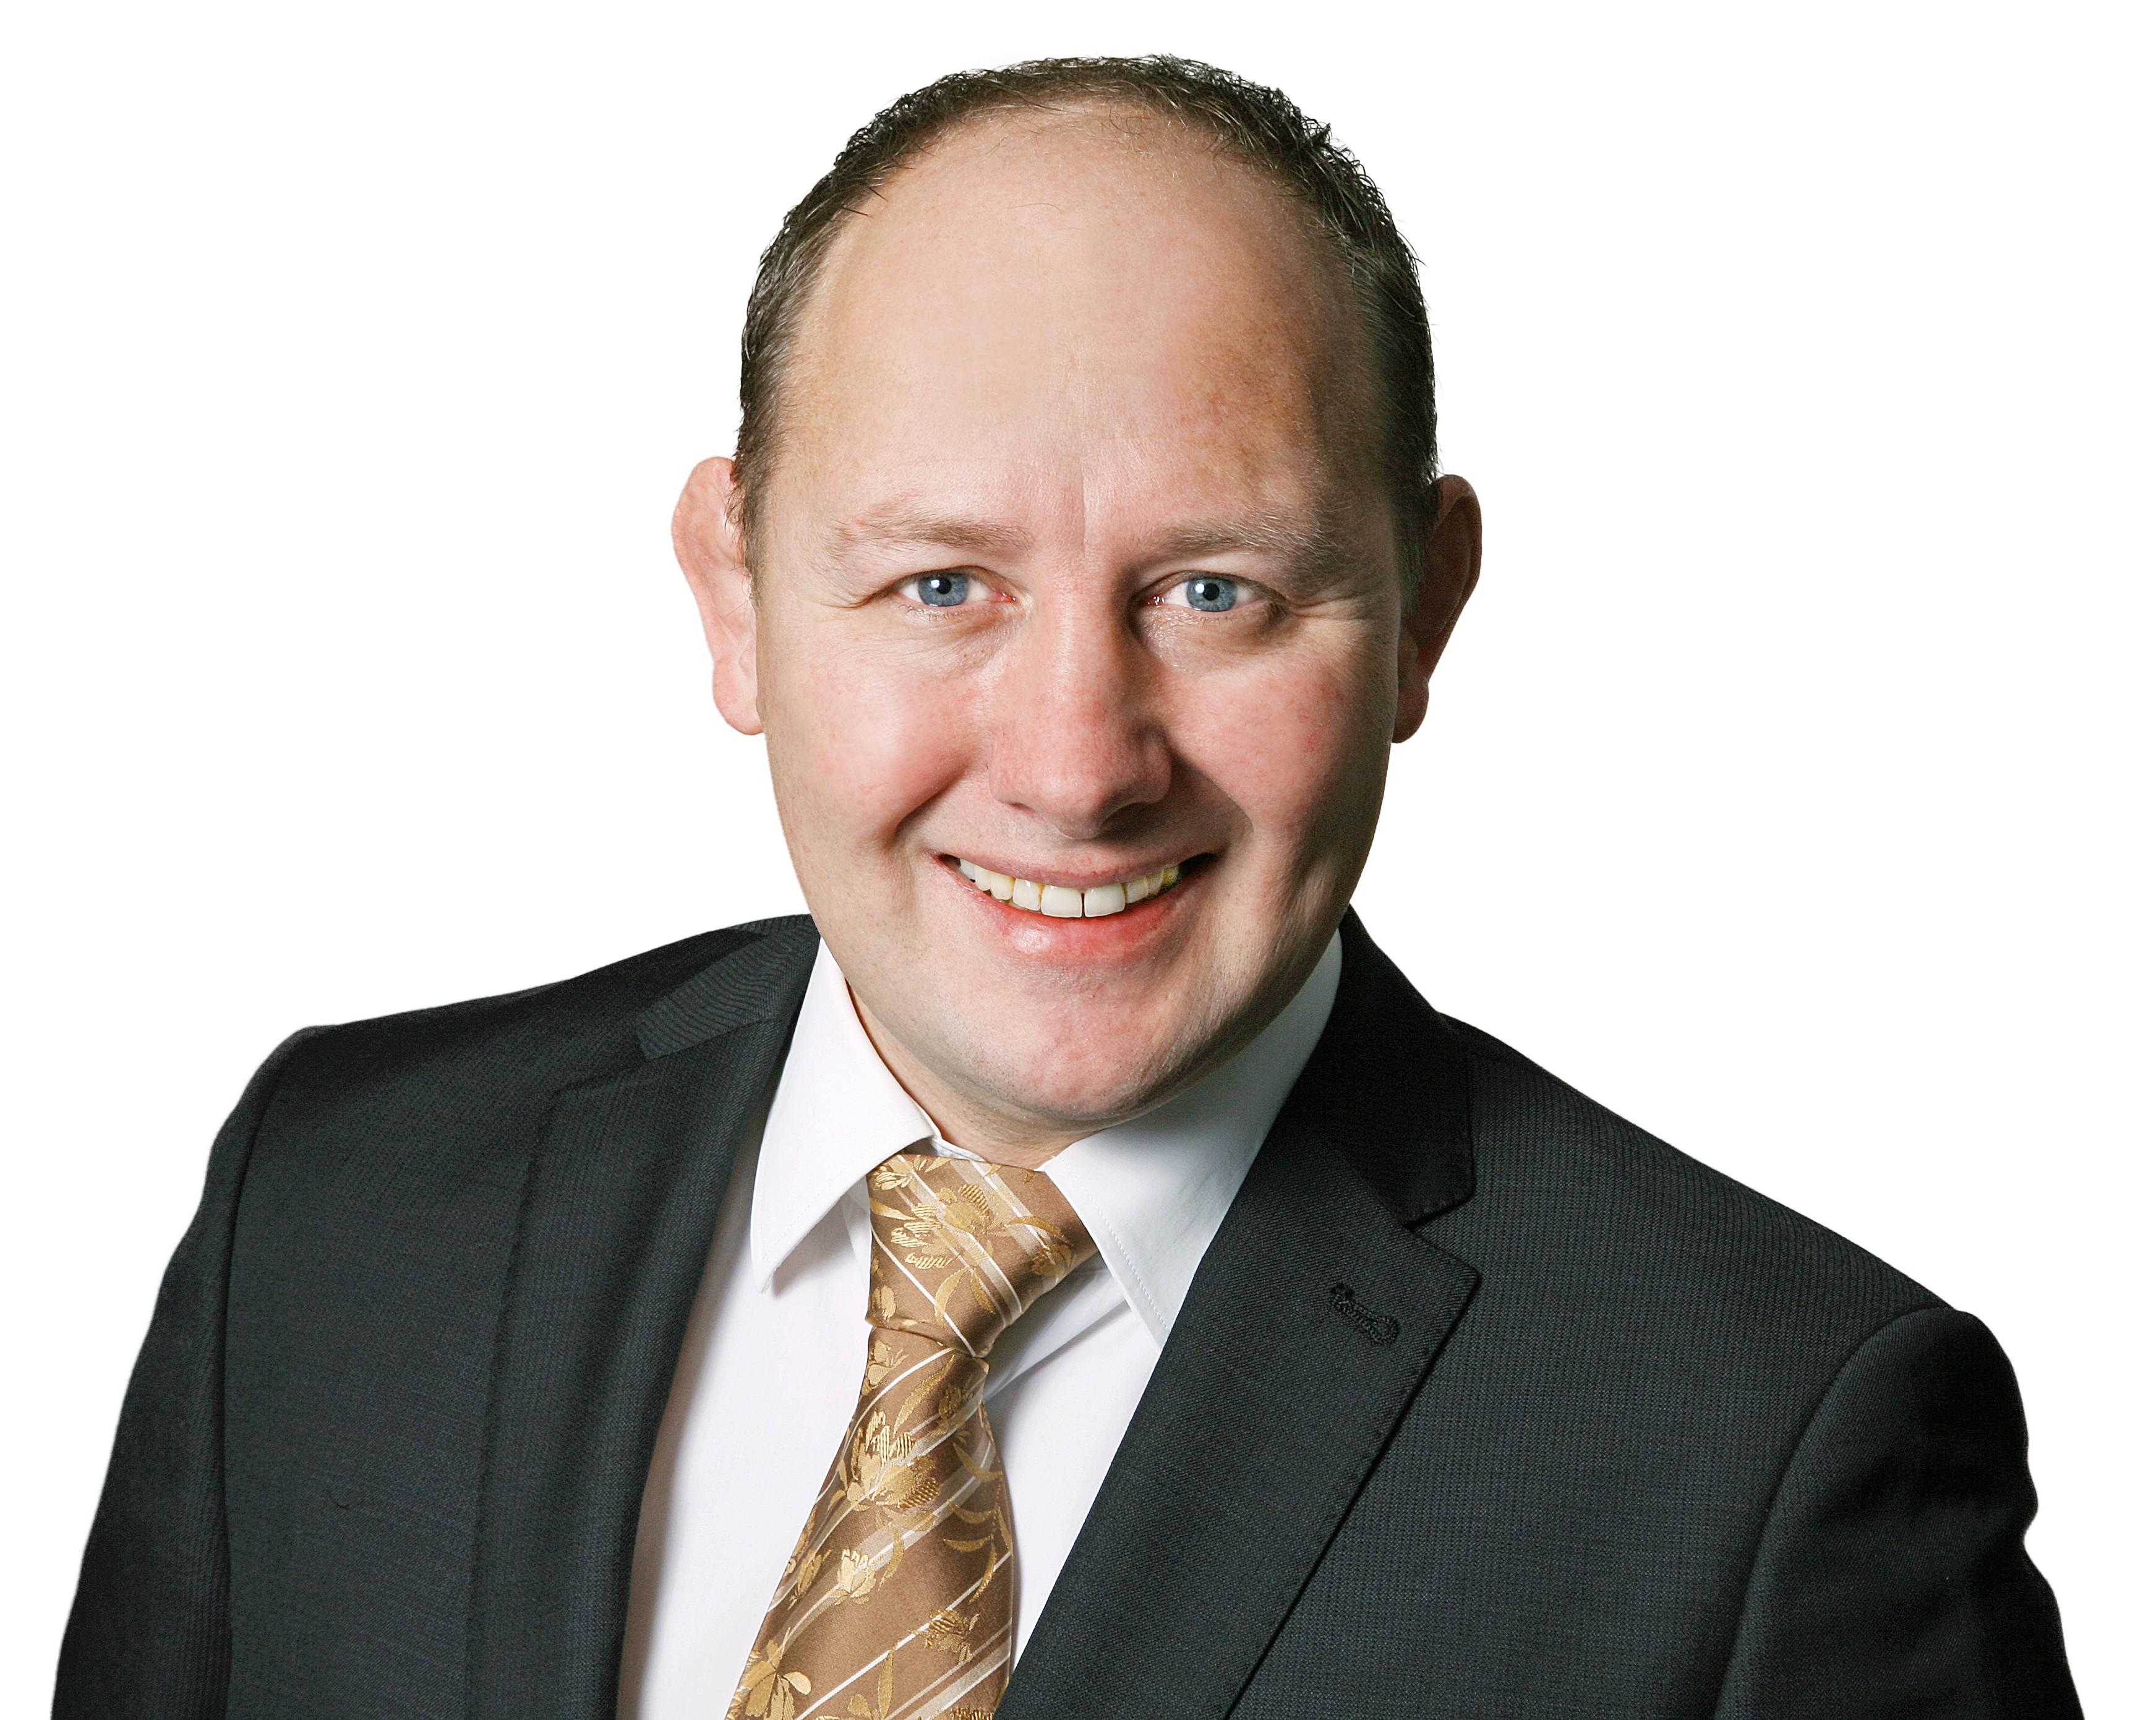 Der Stadtluzerner Kantonsrat Dieter Haller soll die städtische SVP in die Zukunft führen.